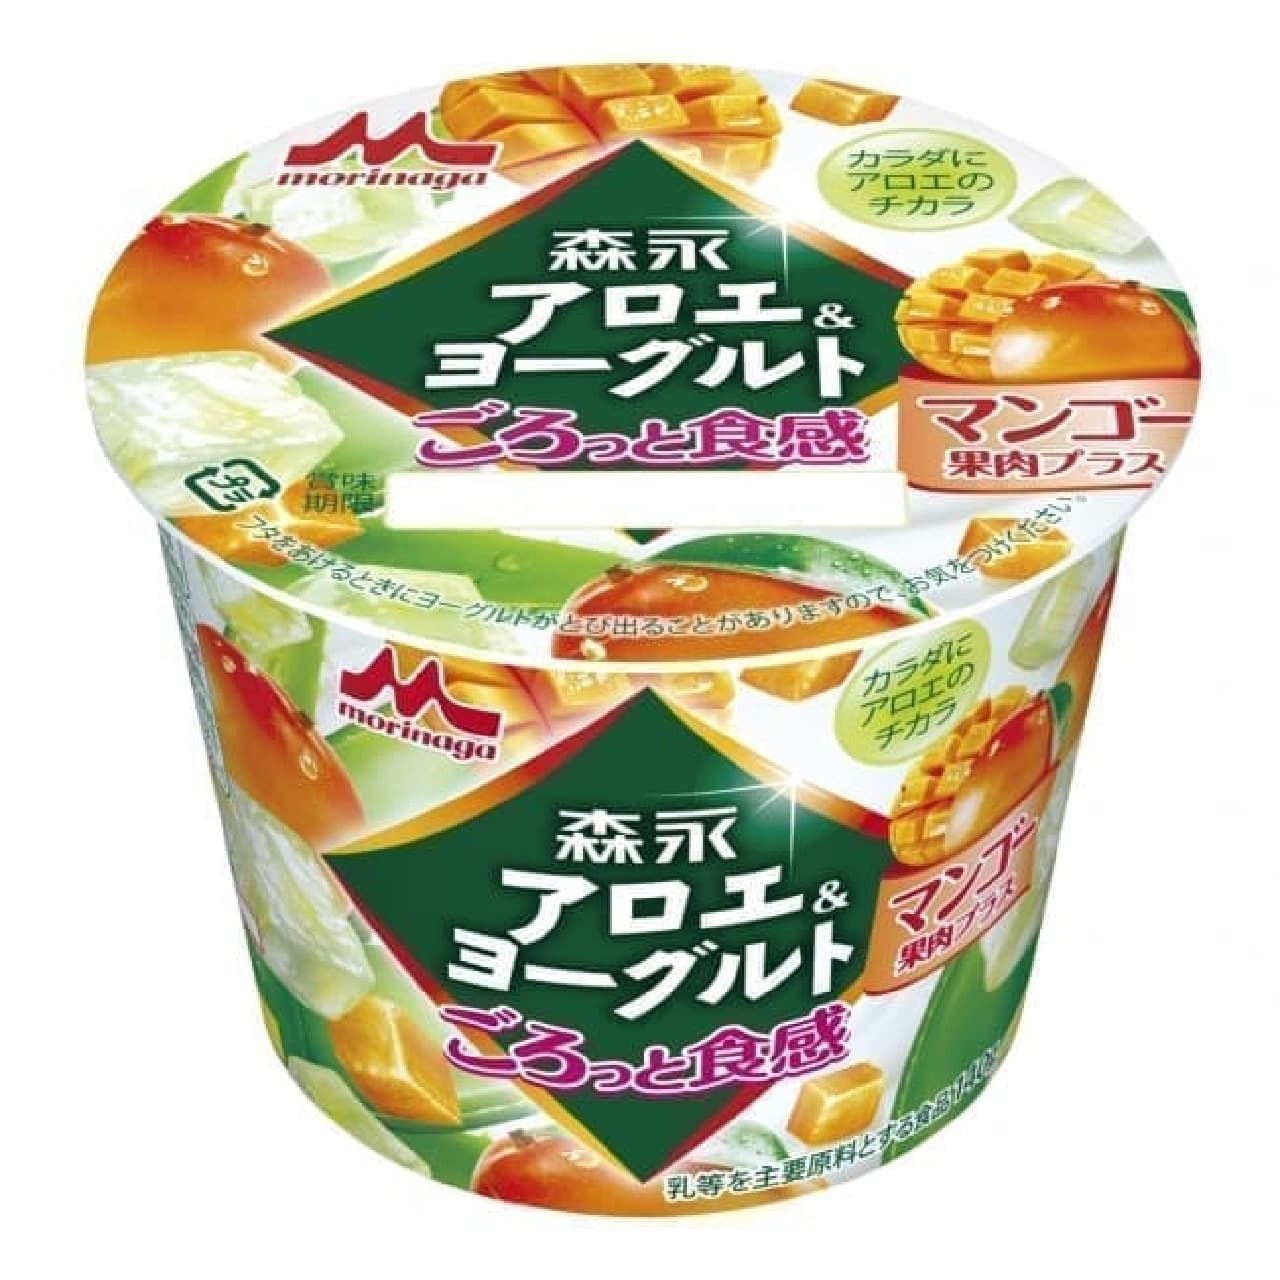 森永アロエ&ヨーグルト マンゴー果肉プラス